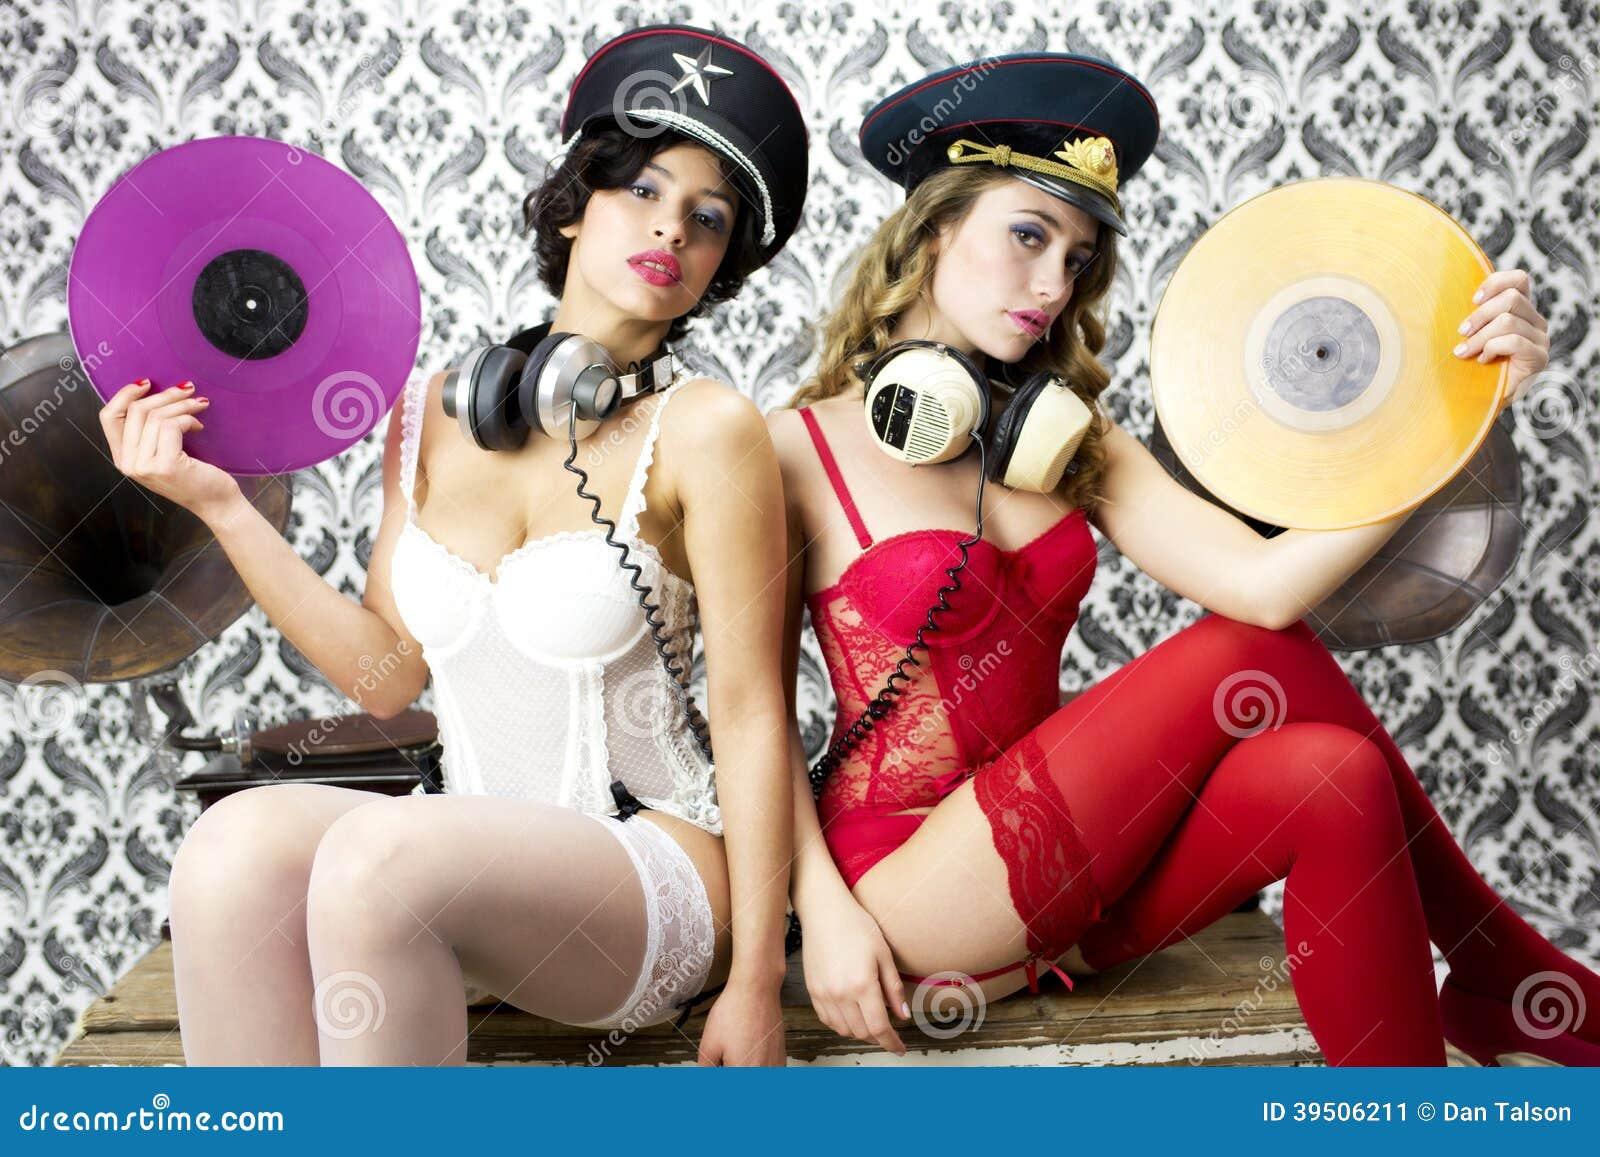 Two beautiful disco women